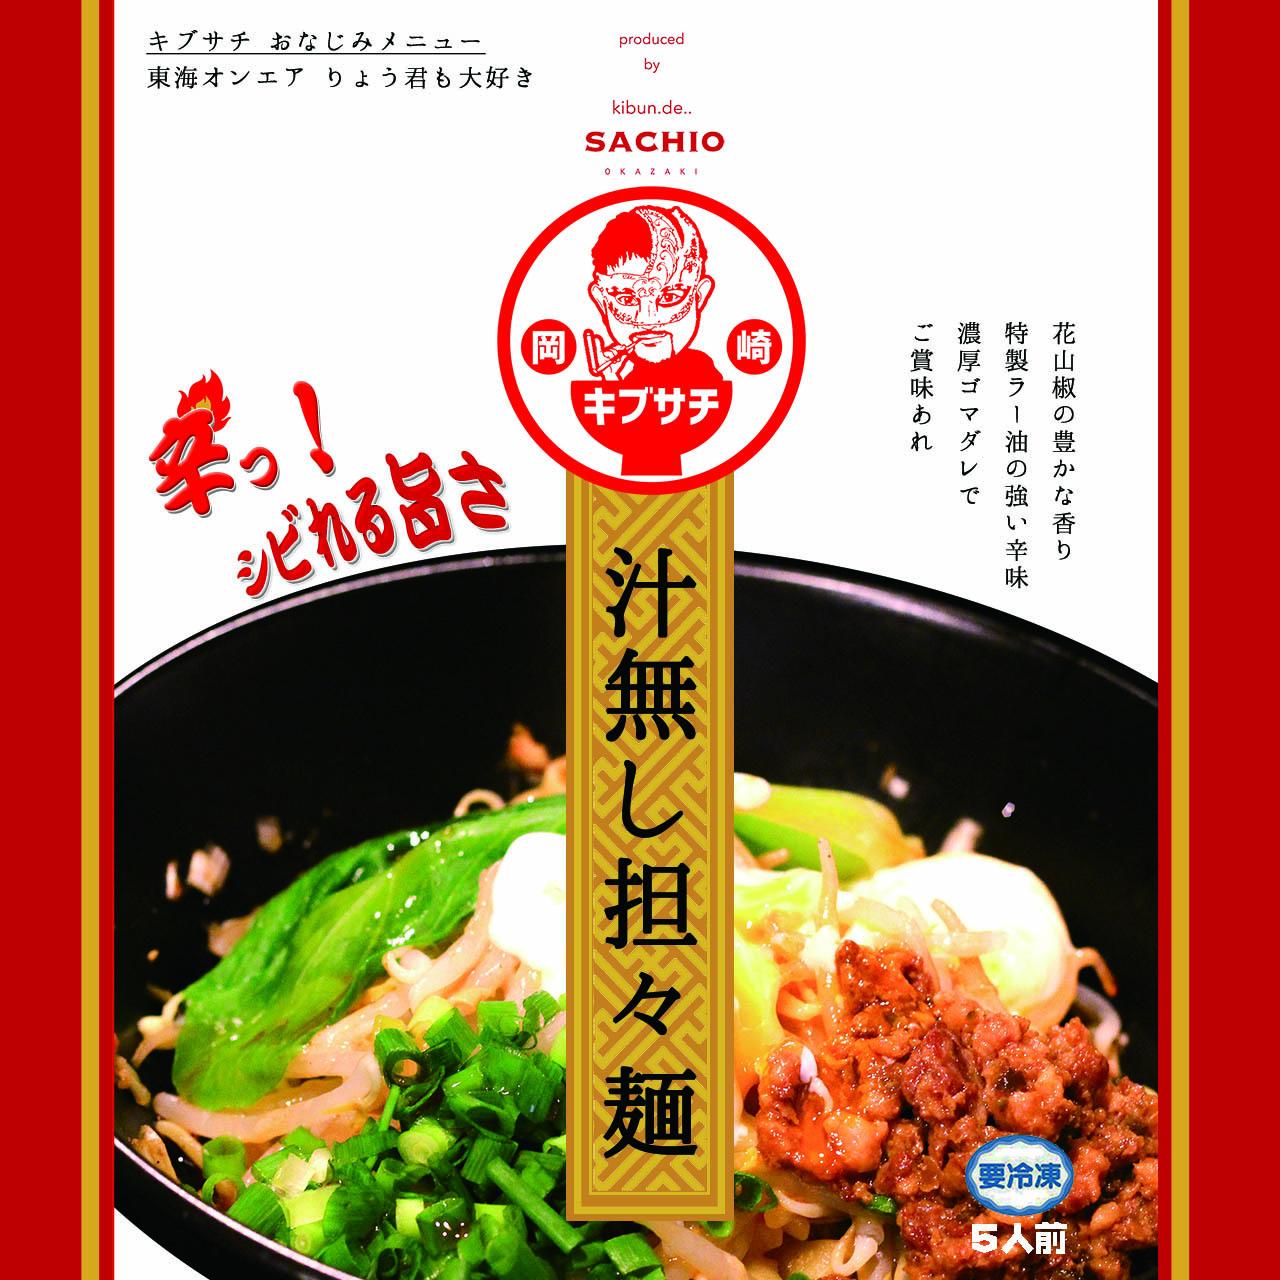 【5/22再販開始】【5/10新商品】キブサチ「汁無し担々麺」(5食セット)